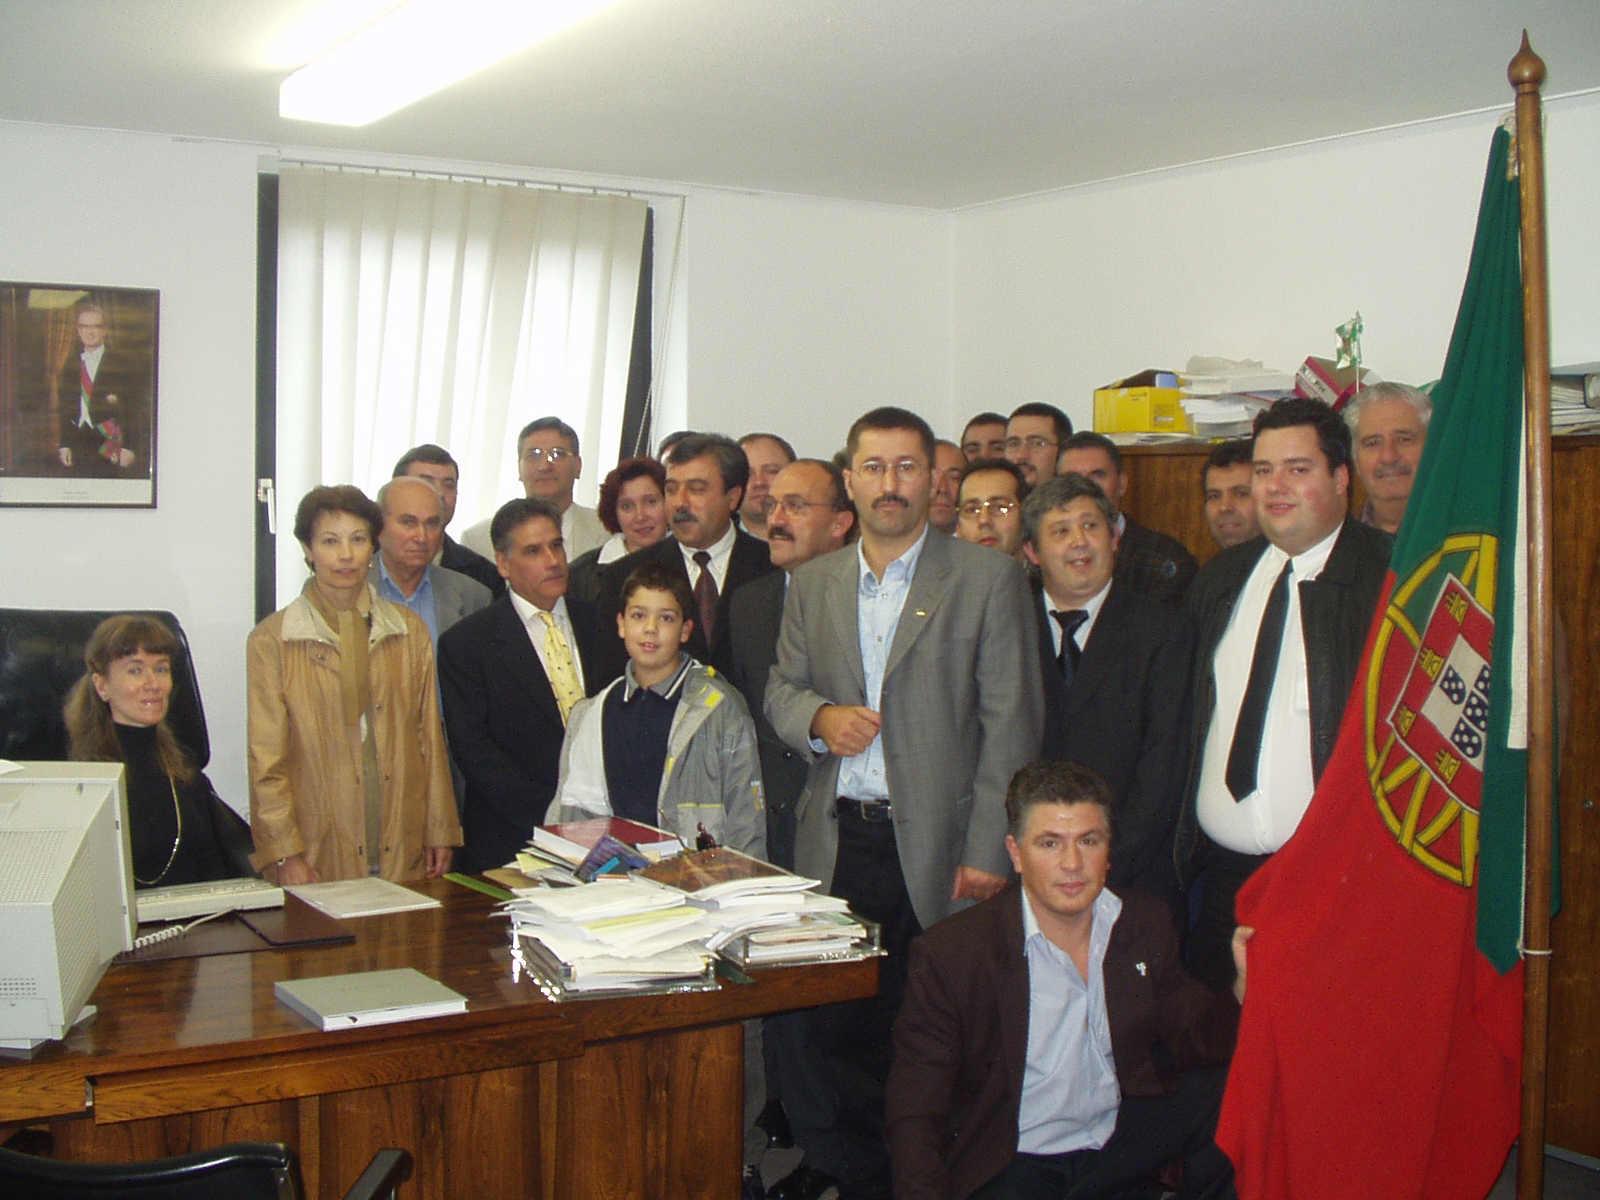 Portugueses no Consulado em Osnabrueck, 2002